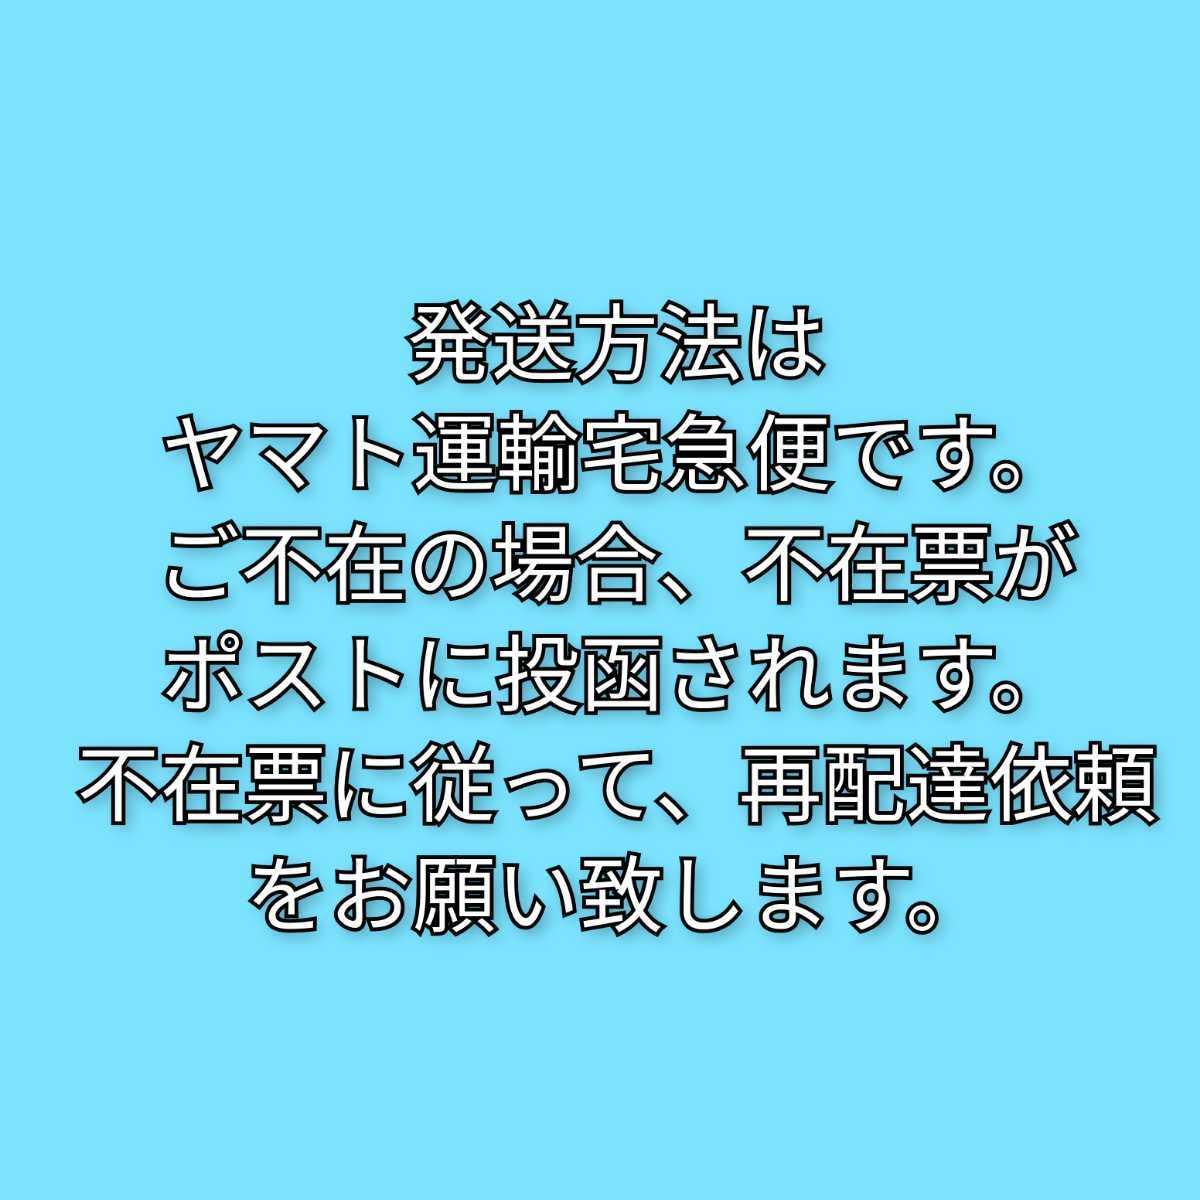 豆のまま ブレンドフォルテシモ 2袋 1kg 1袋500g 澤井珈琲 レギュラーコーヒー 豆の状態 豆 コーヒー コーヒー豆_画像5